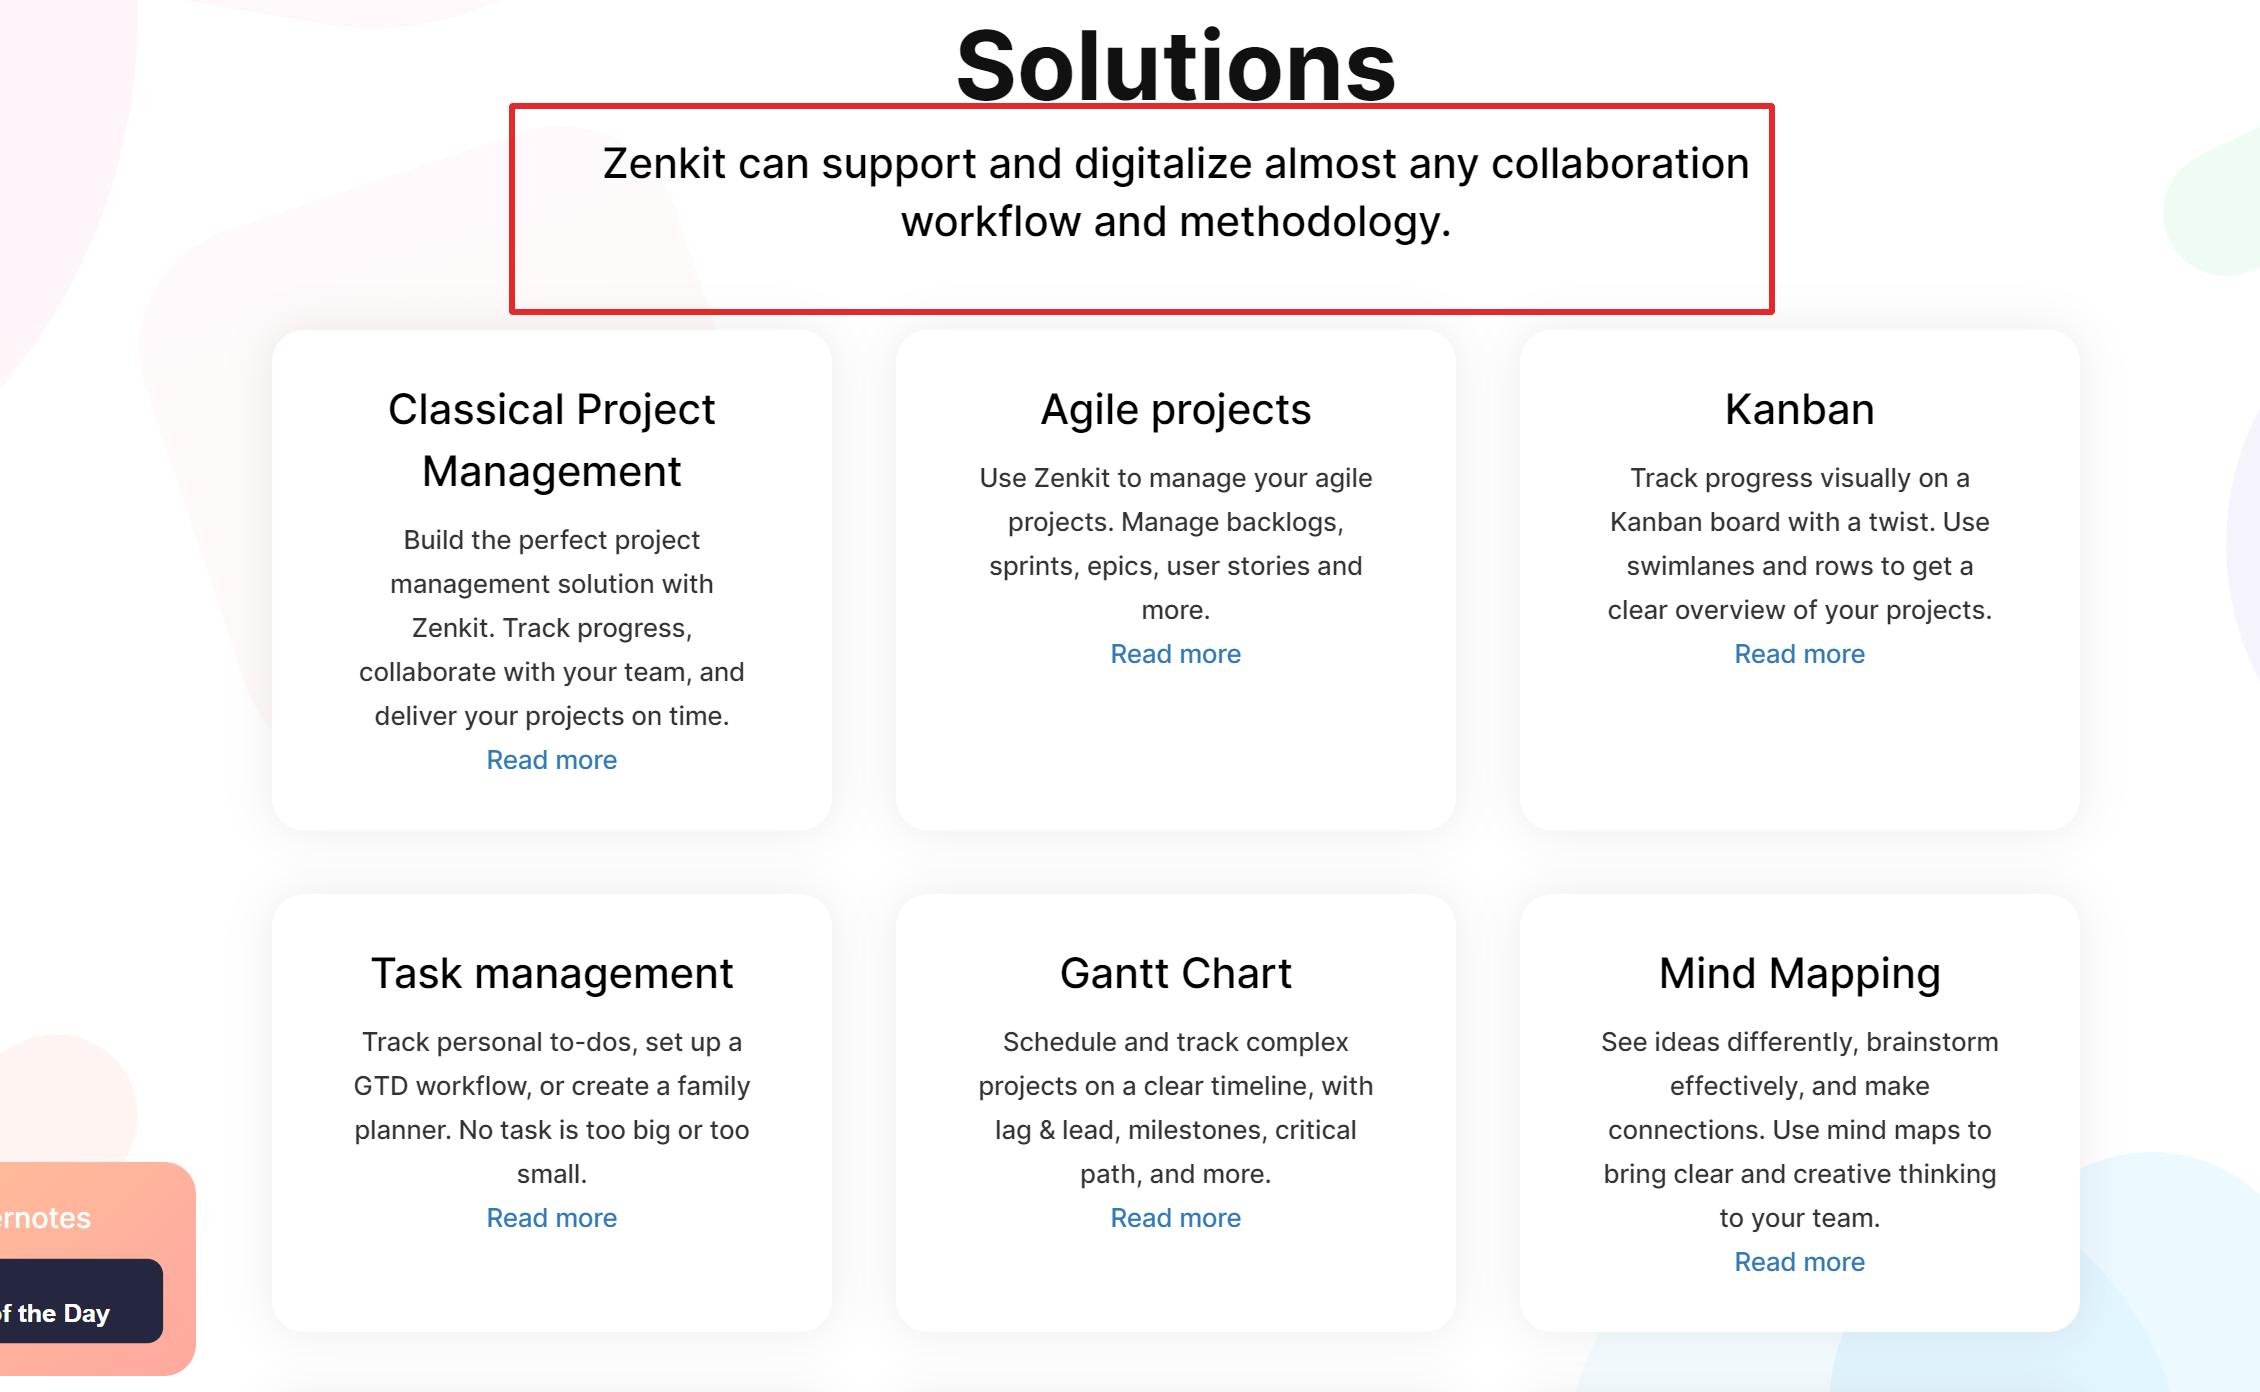 zenkit solutions